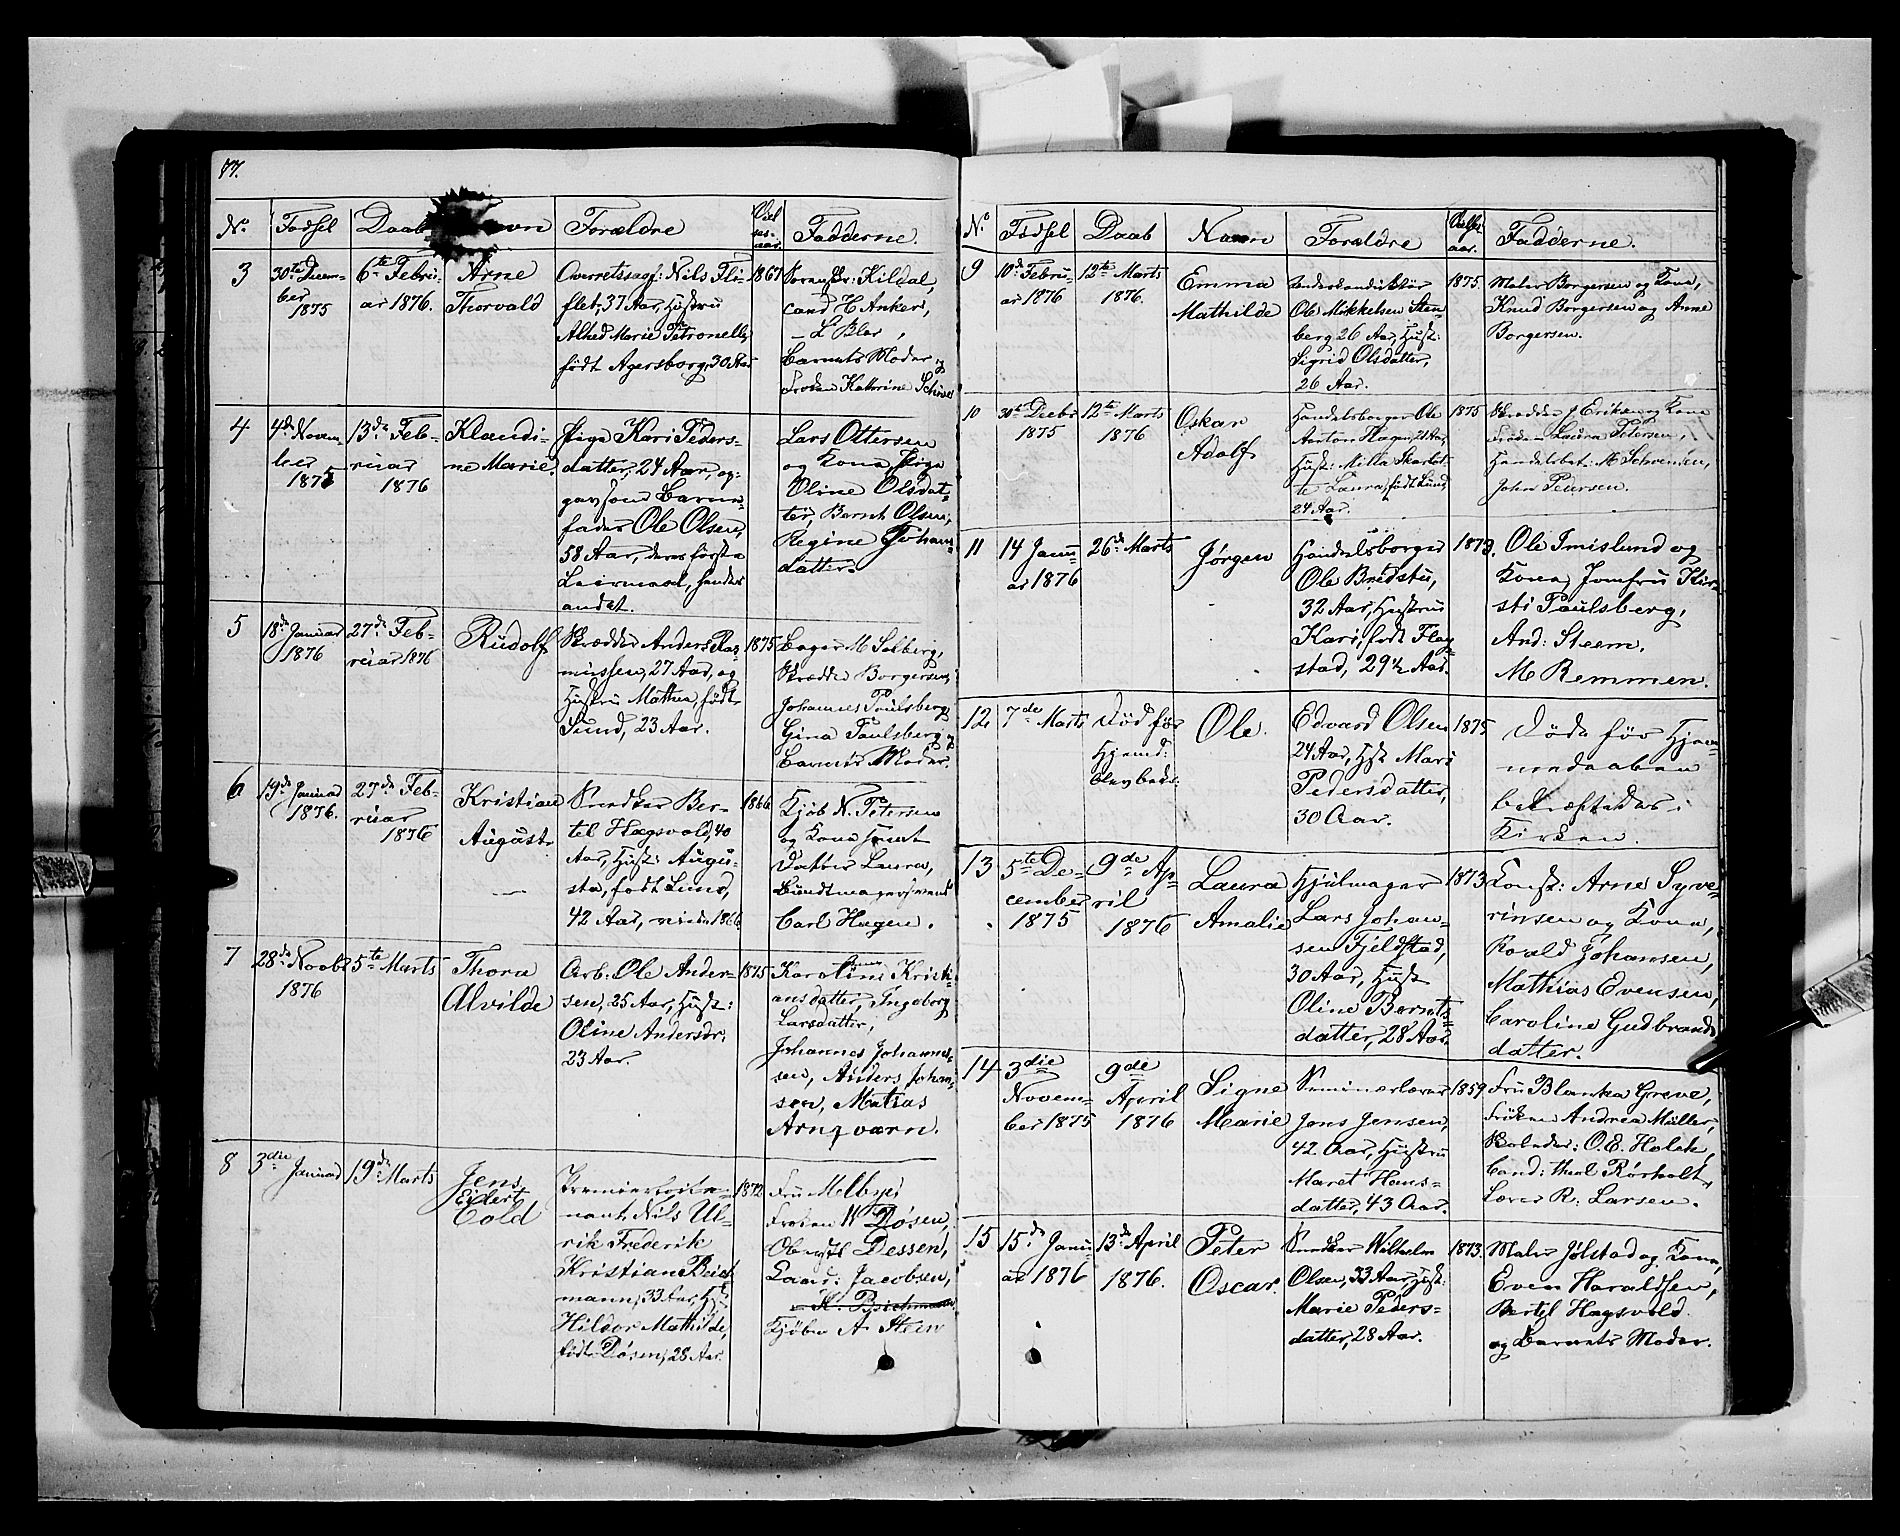 SAH, Vang prestekontor, Hedmark, H/Ha/Hab/L0011: Klokkerbok nr. 11, 1855-1878, s. 77